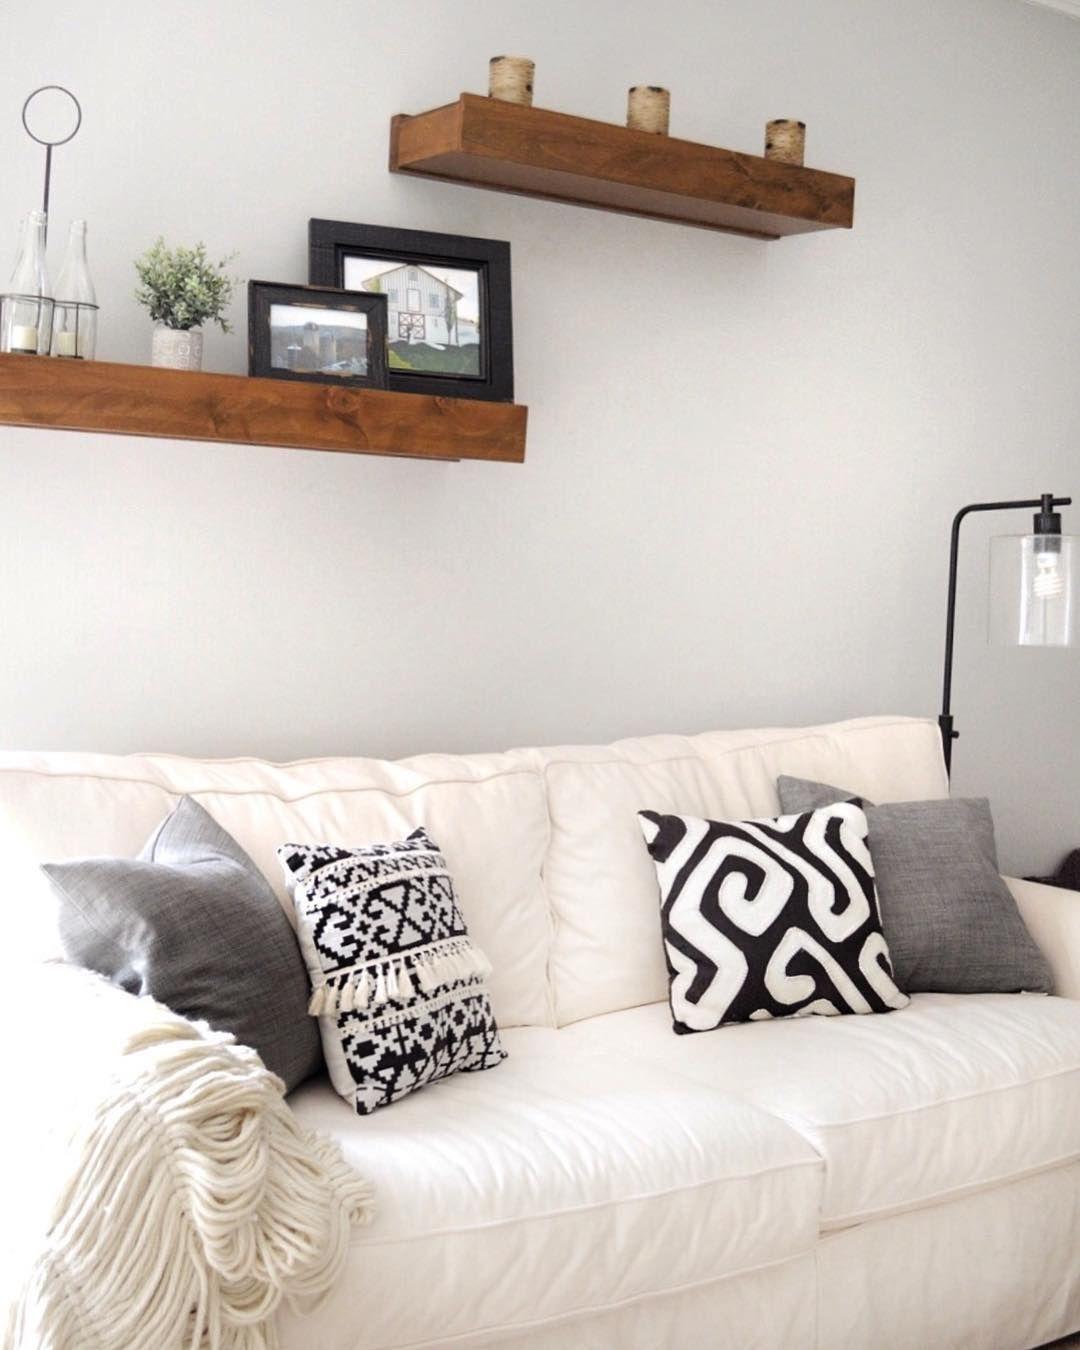 Black and white modern farmhouse style throw pillows